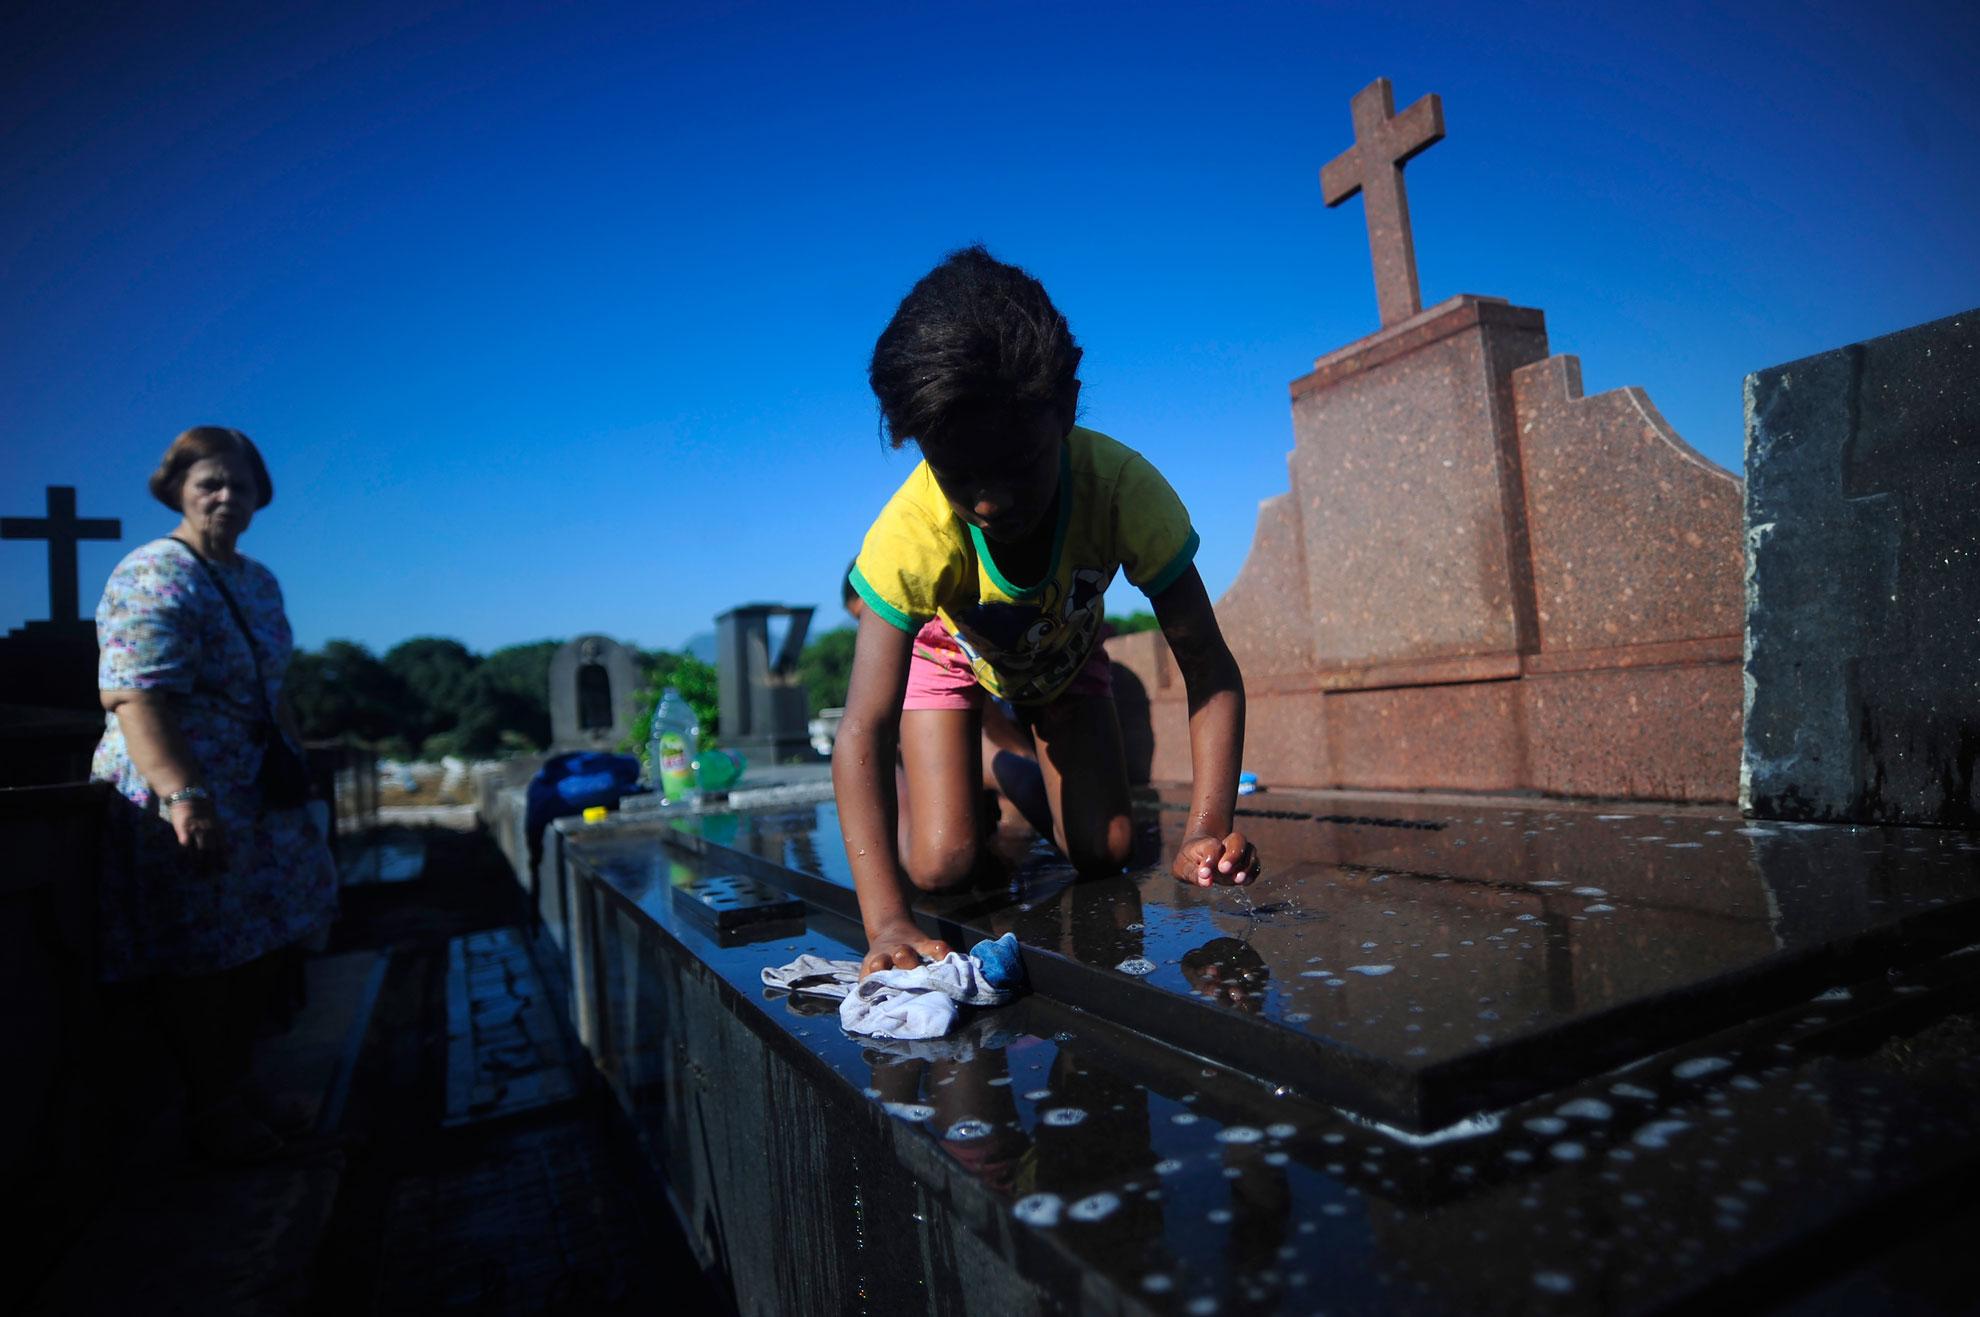 Meninos do cemitério (serie x 4)